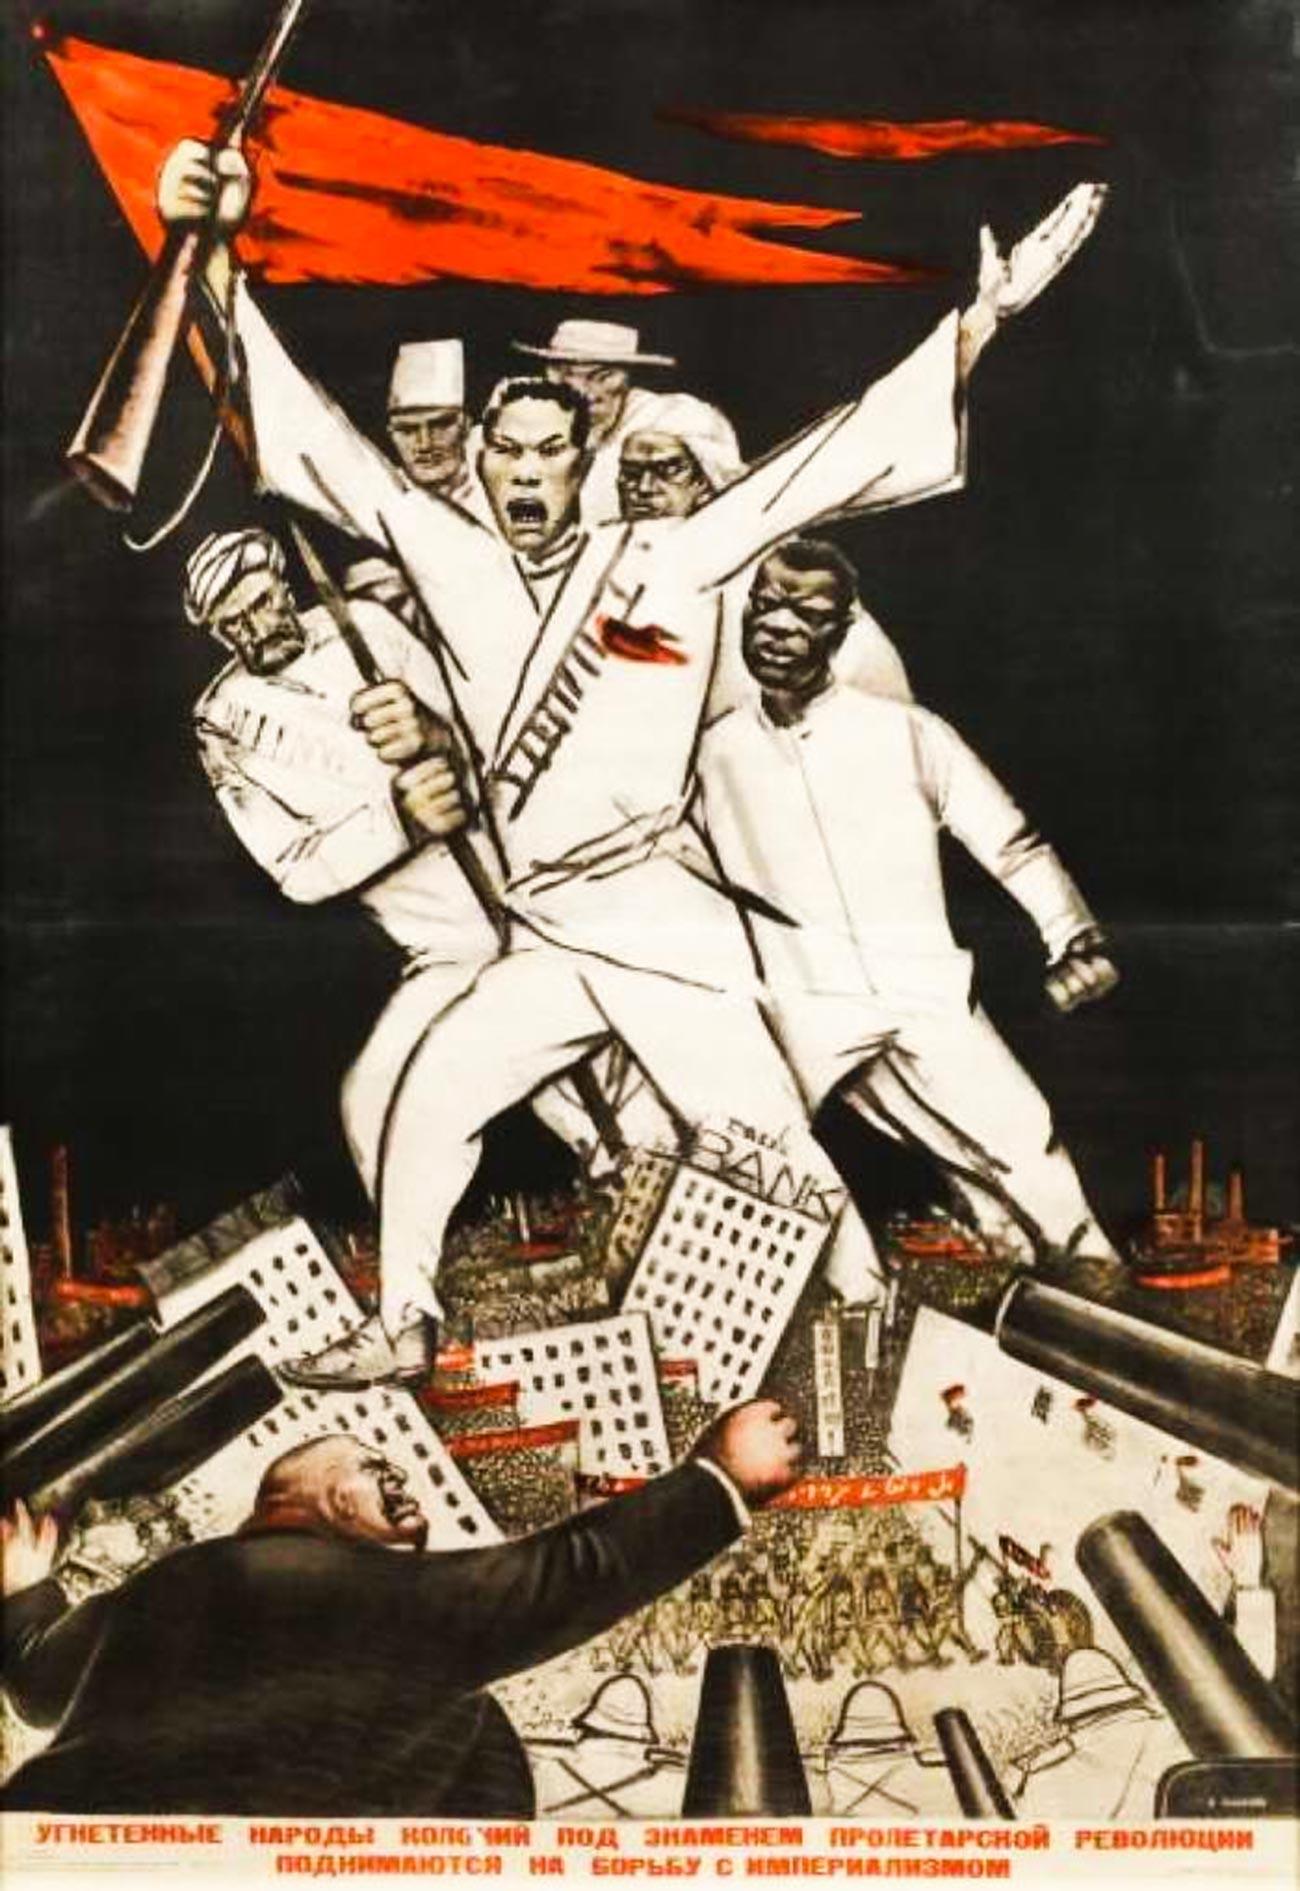 Rakyat koloni yang tertindas akan bangkit untuk melawan imperialisme di bawah panji revolusi proletar.